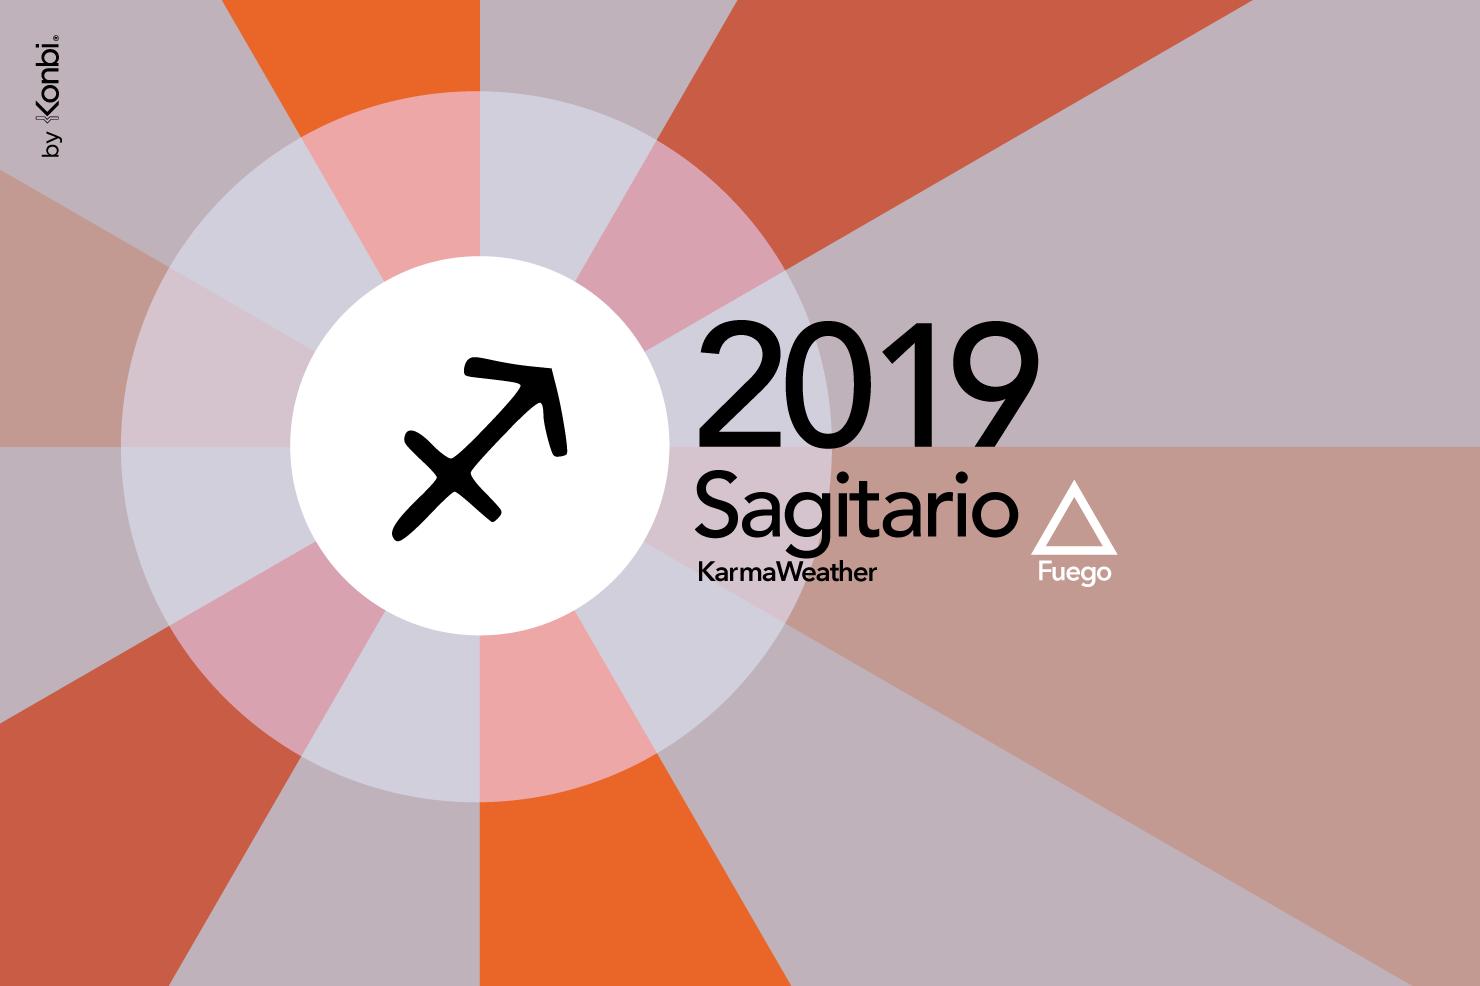 Sagitario 2019